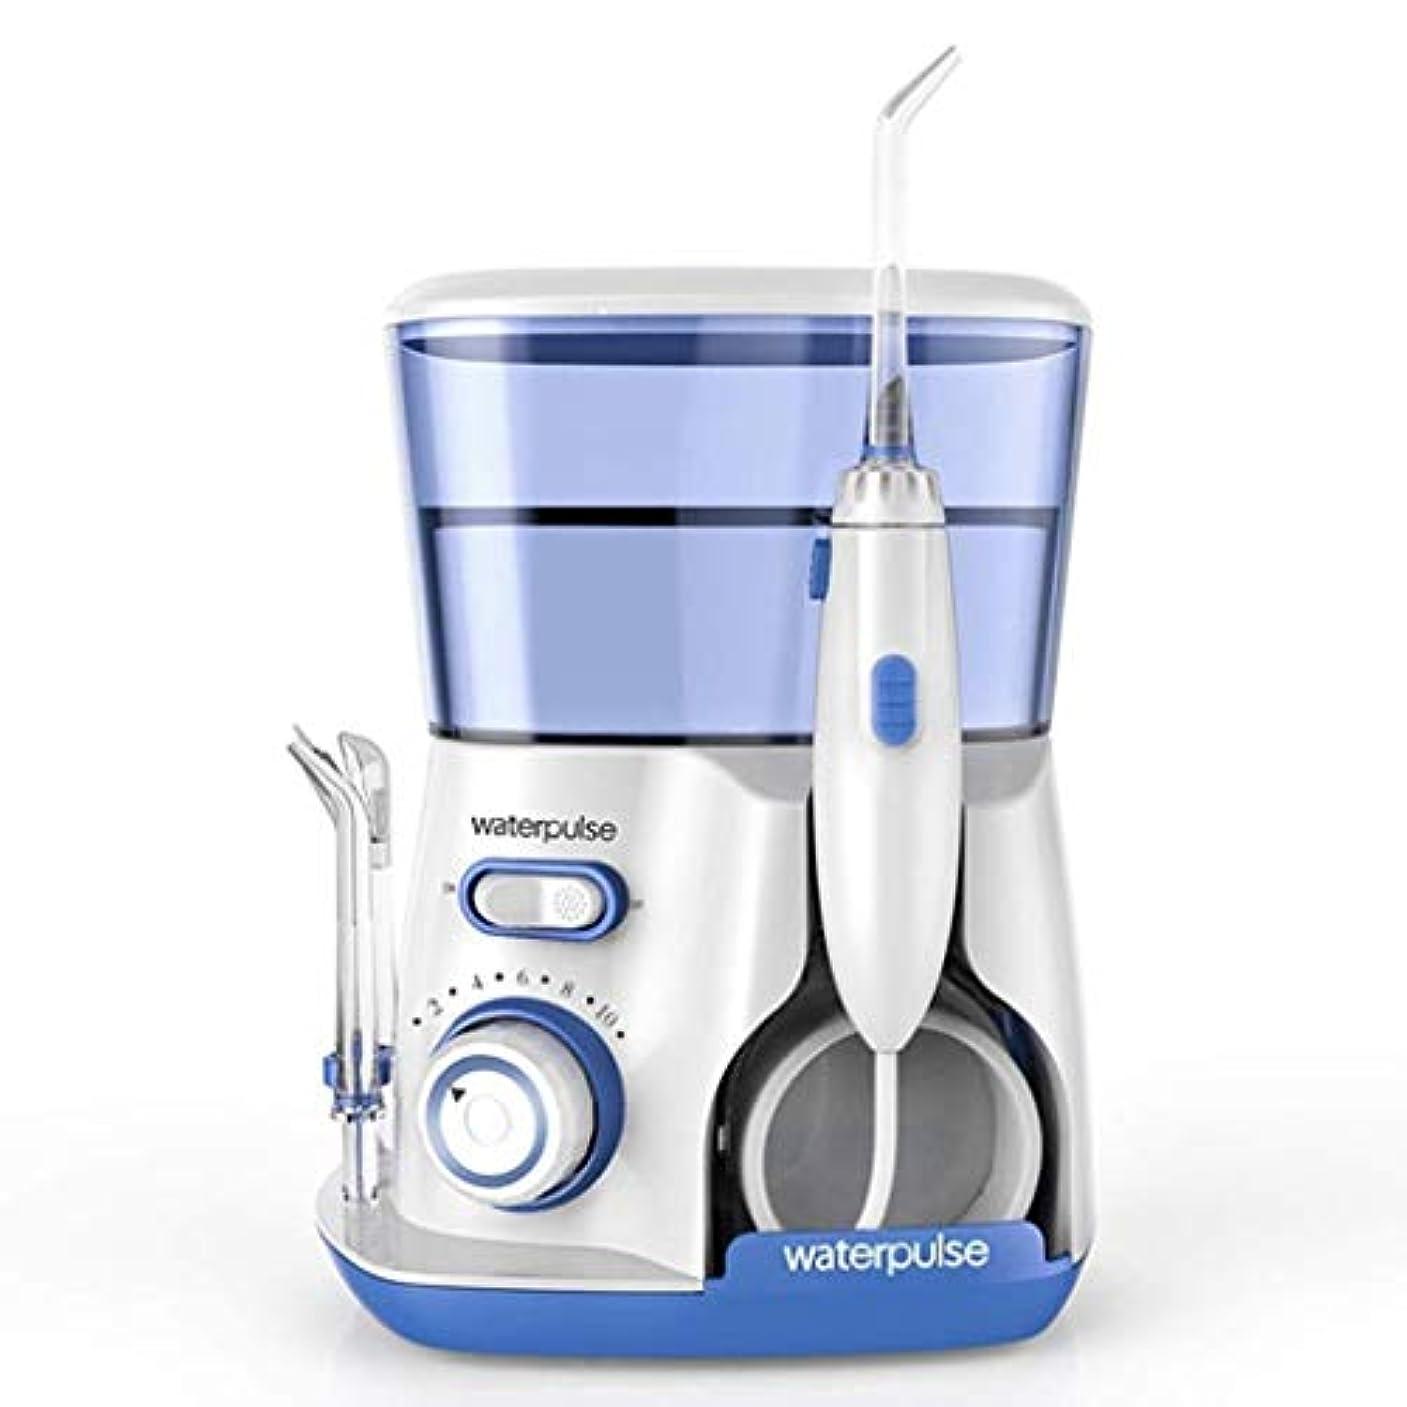 パスタ打撃レーダー歯科洗浄機、電動歯洗浄機、ポータブル家庭用口腔洗浄機、5つのノズル付き800ML、360度の洗浄 (Color : V)